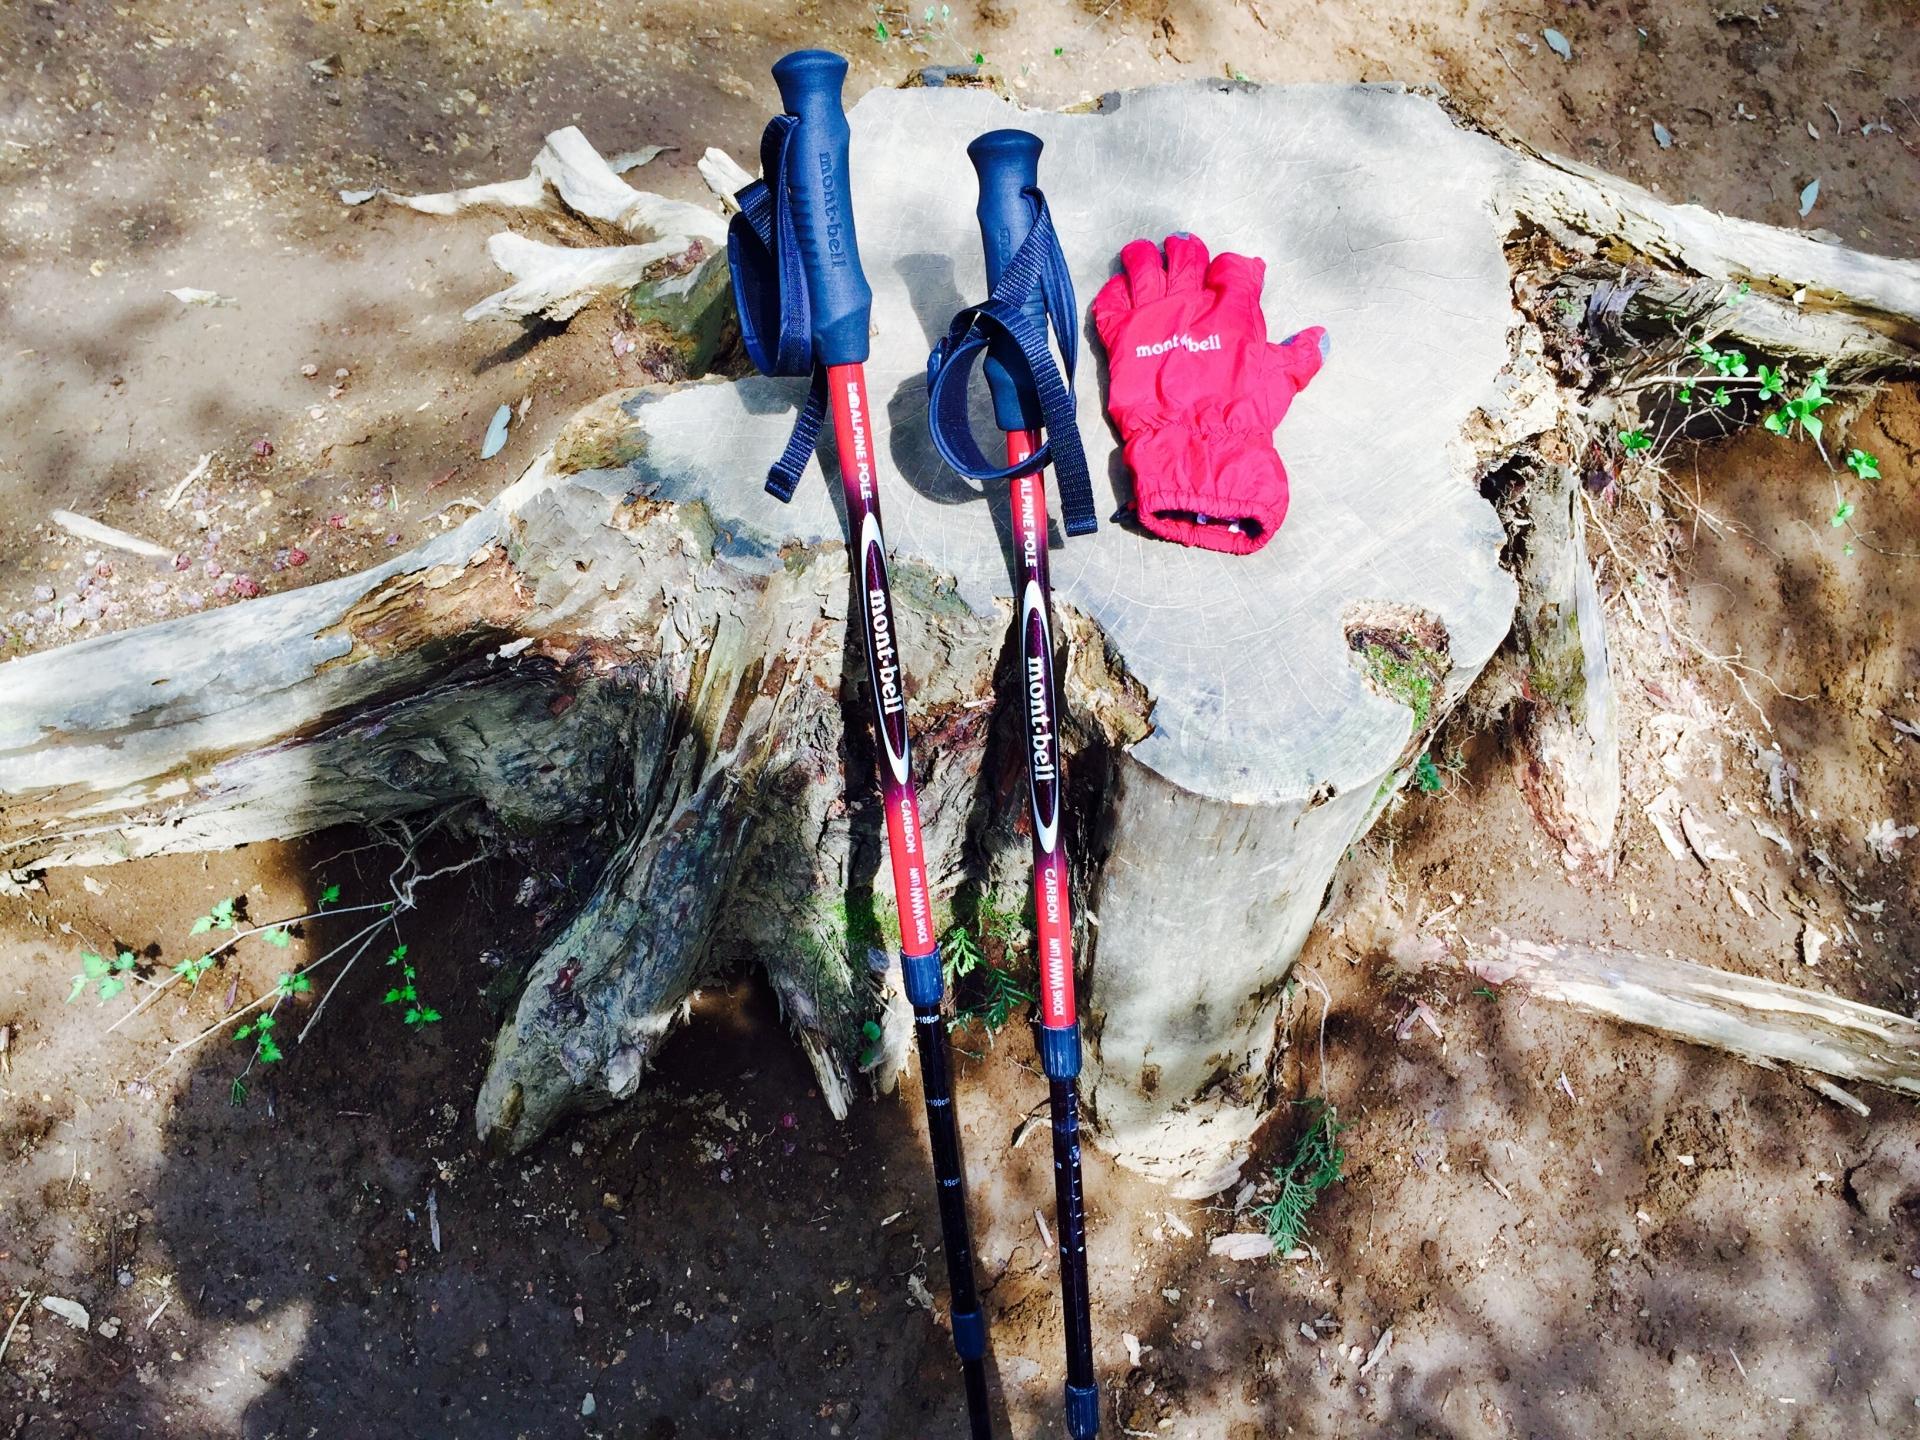 トレッキングポールのおすすめ6選【登山をもっと楽しく】